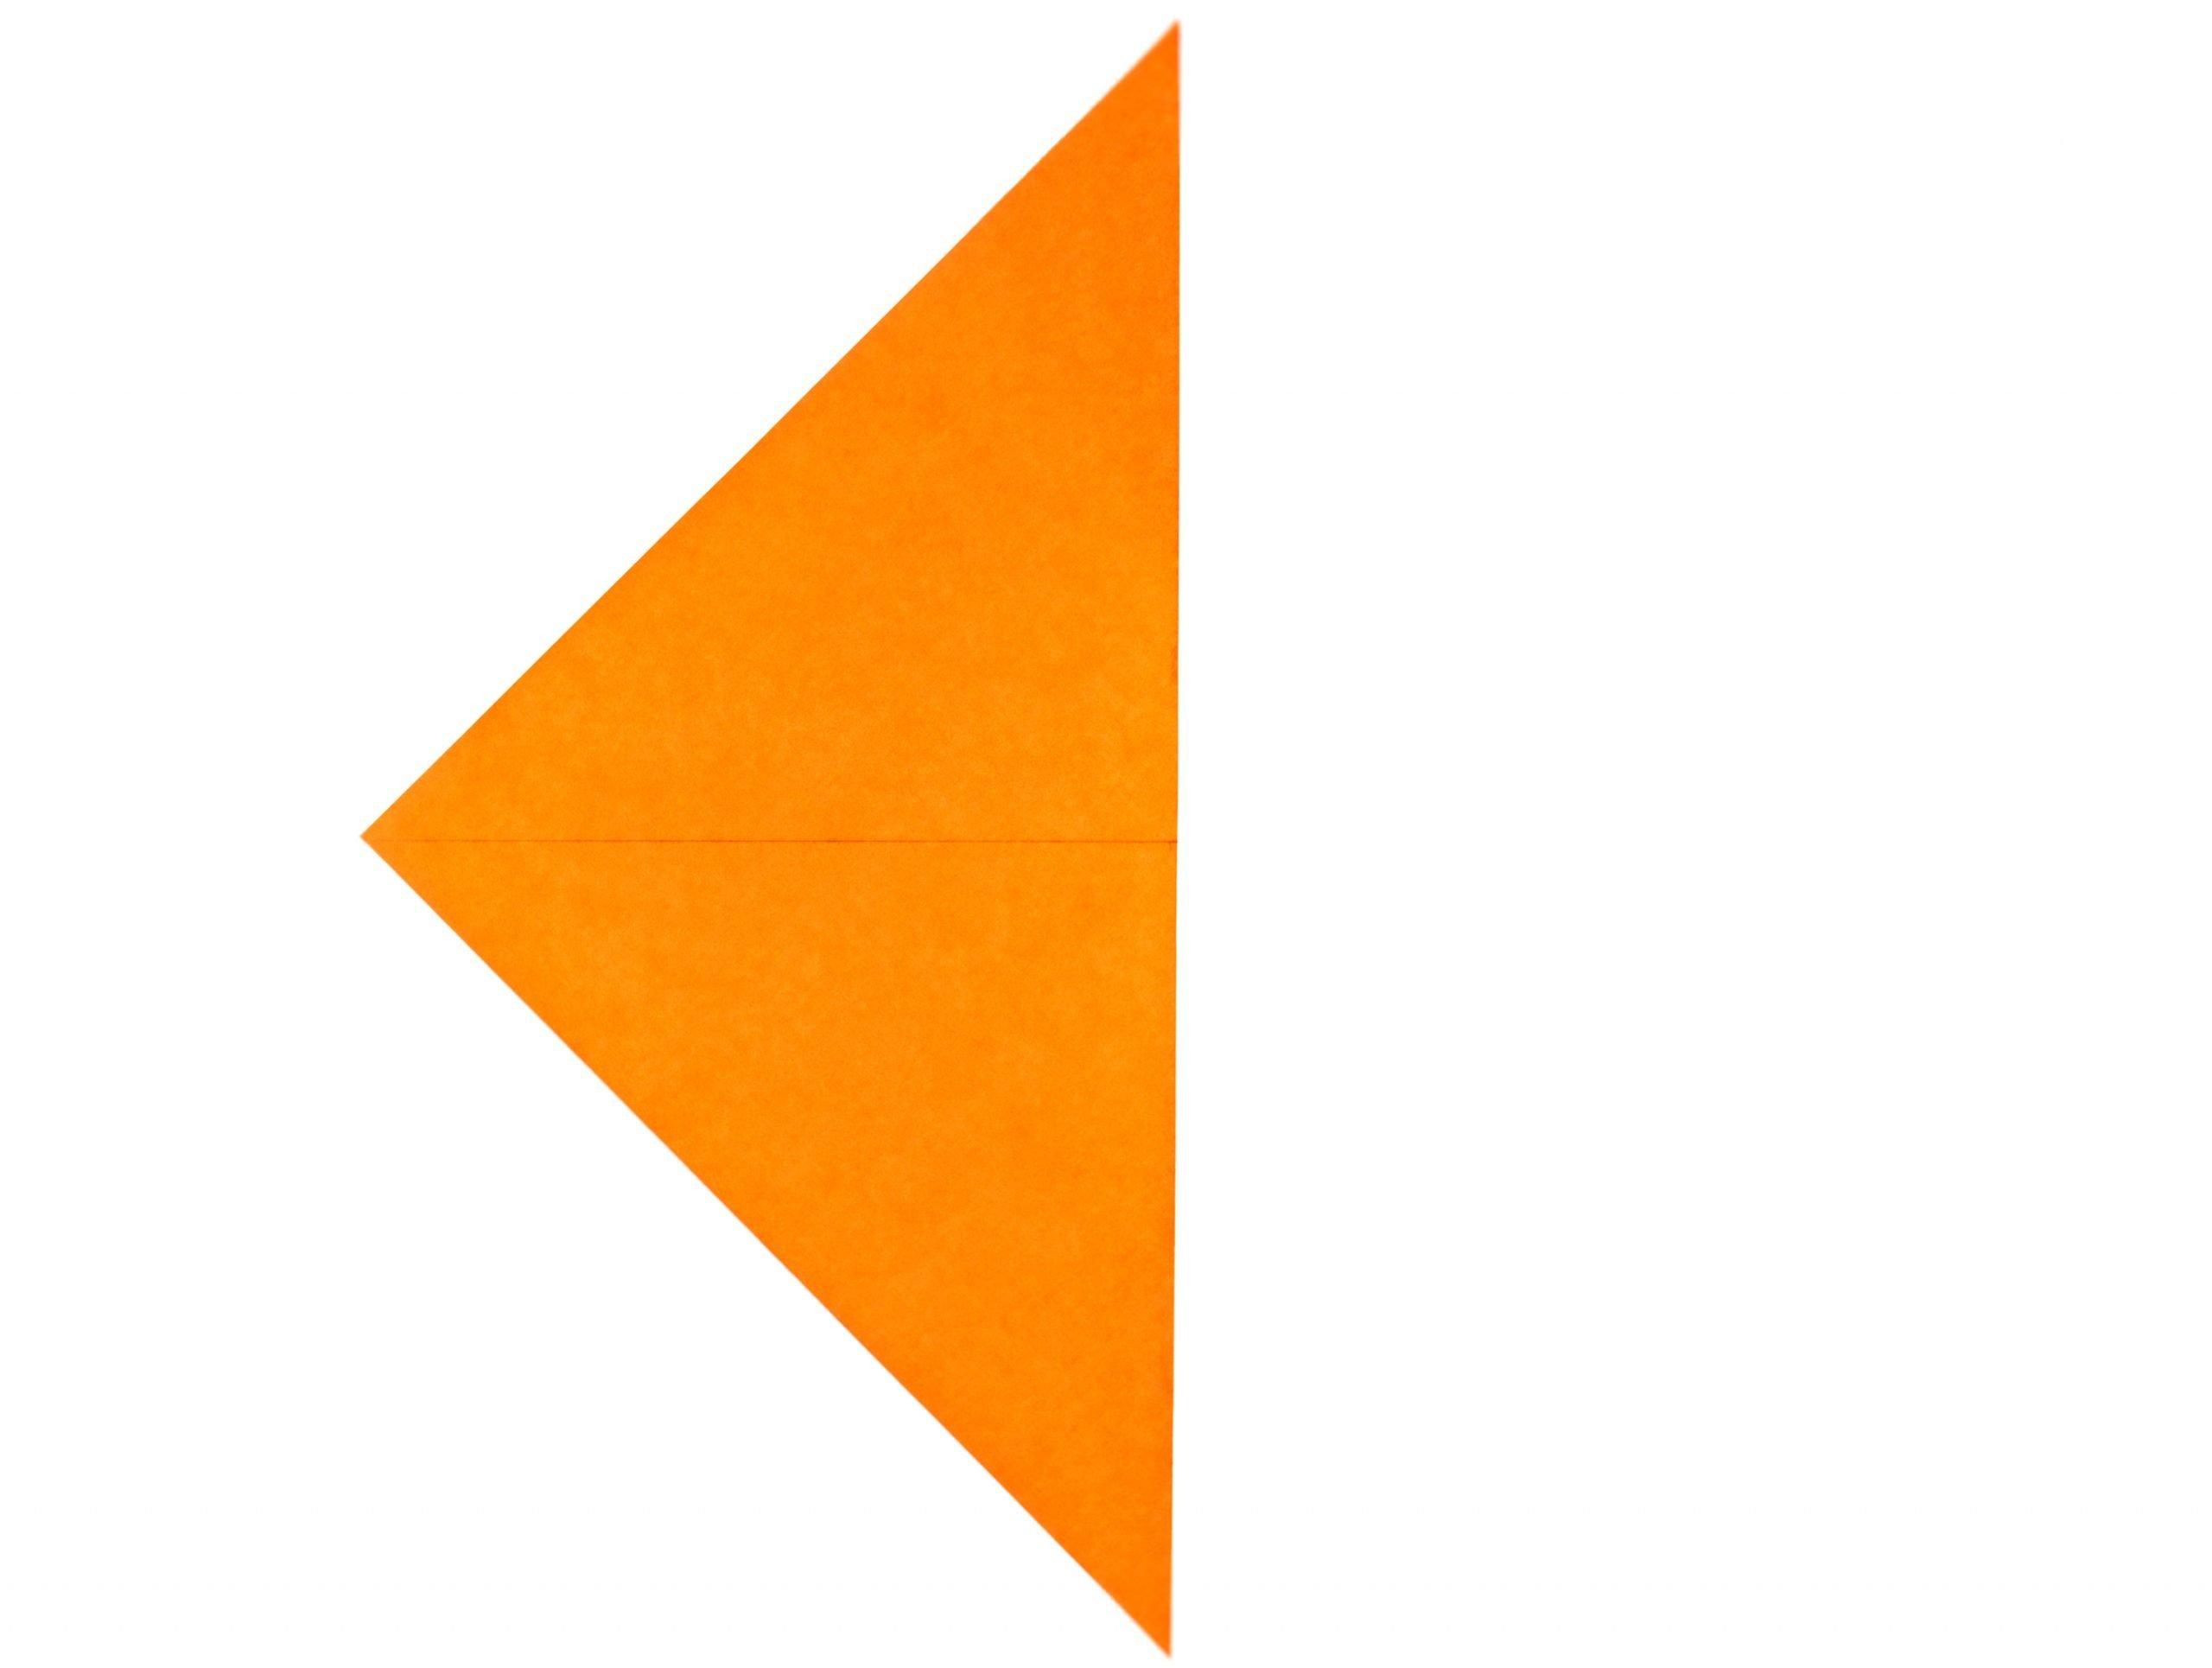 orange origami paper square folded in half diagonally